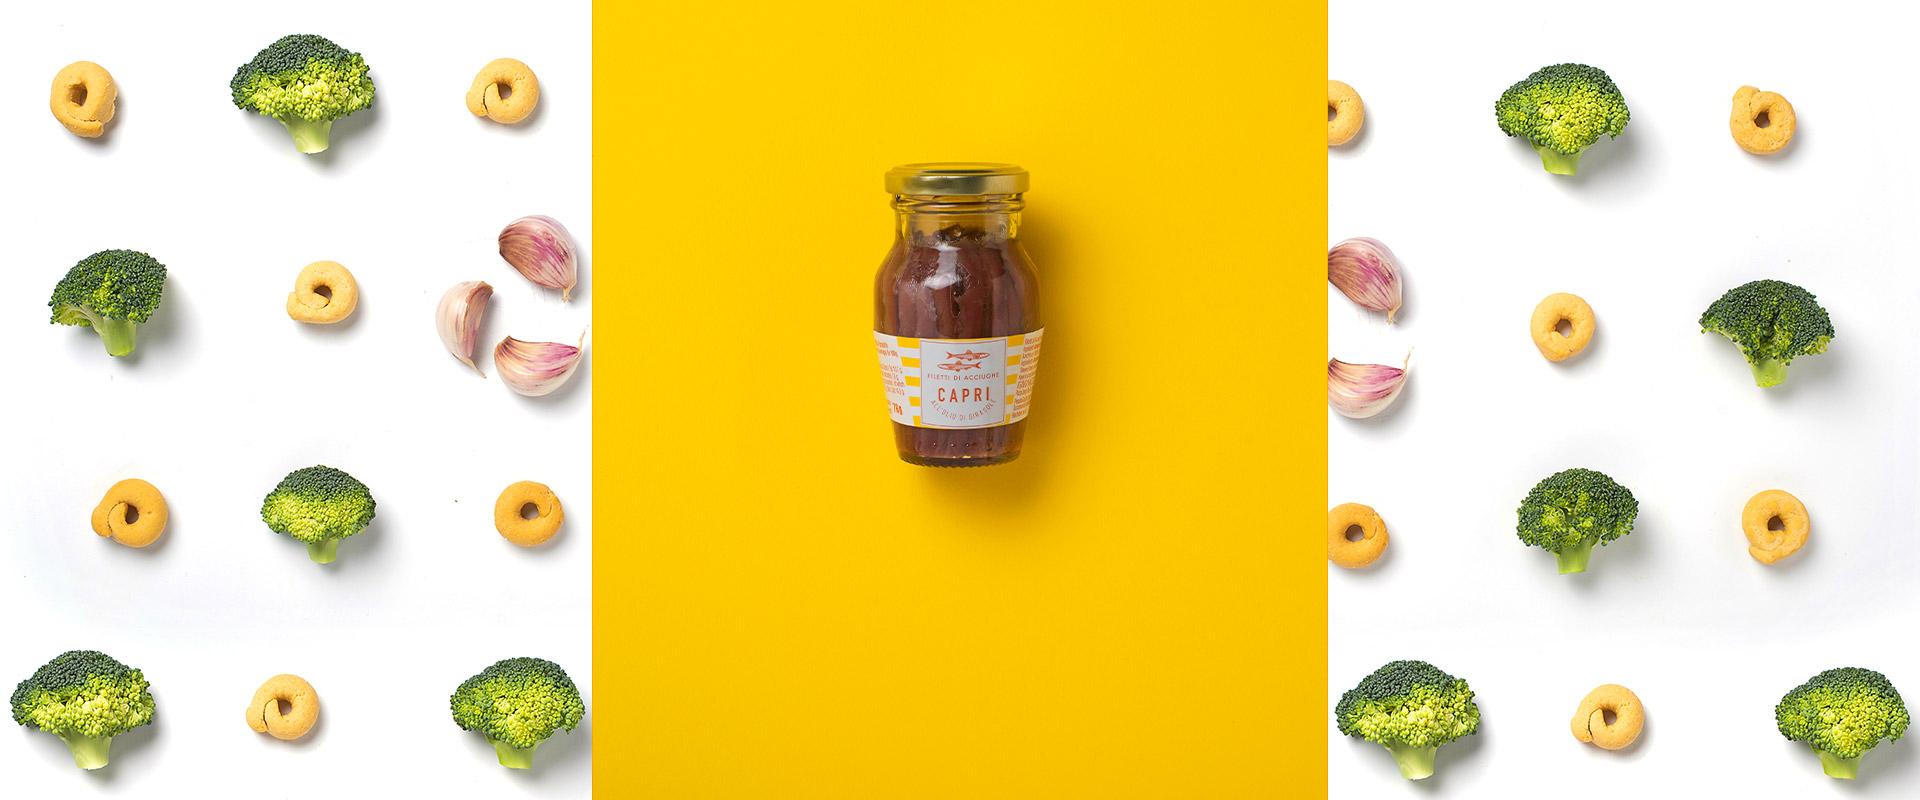 Filetti di Acciughe Capri Olio di Girasole | Ricetta